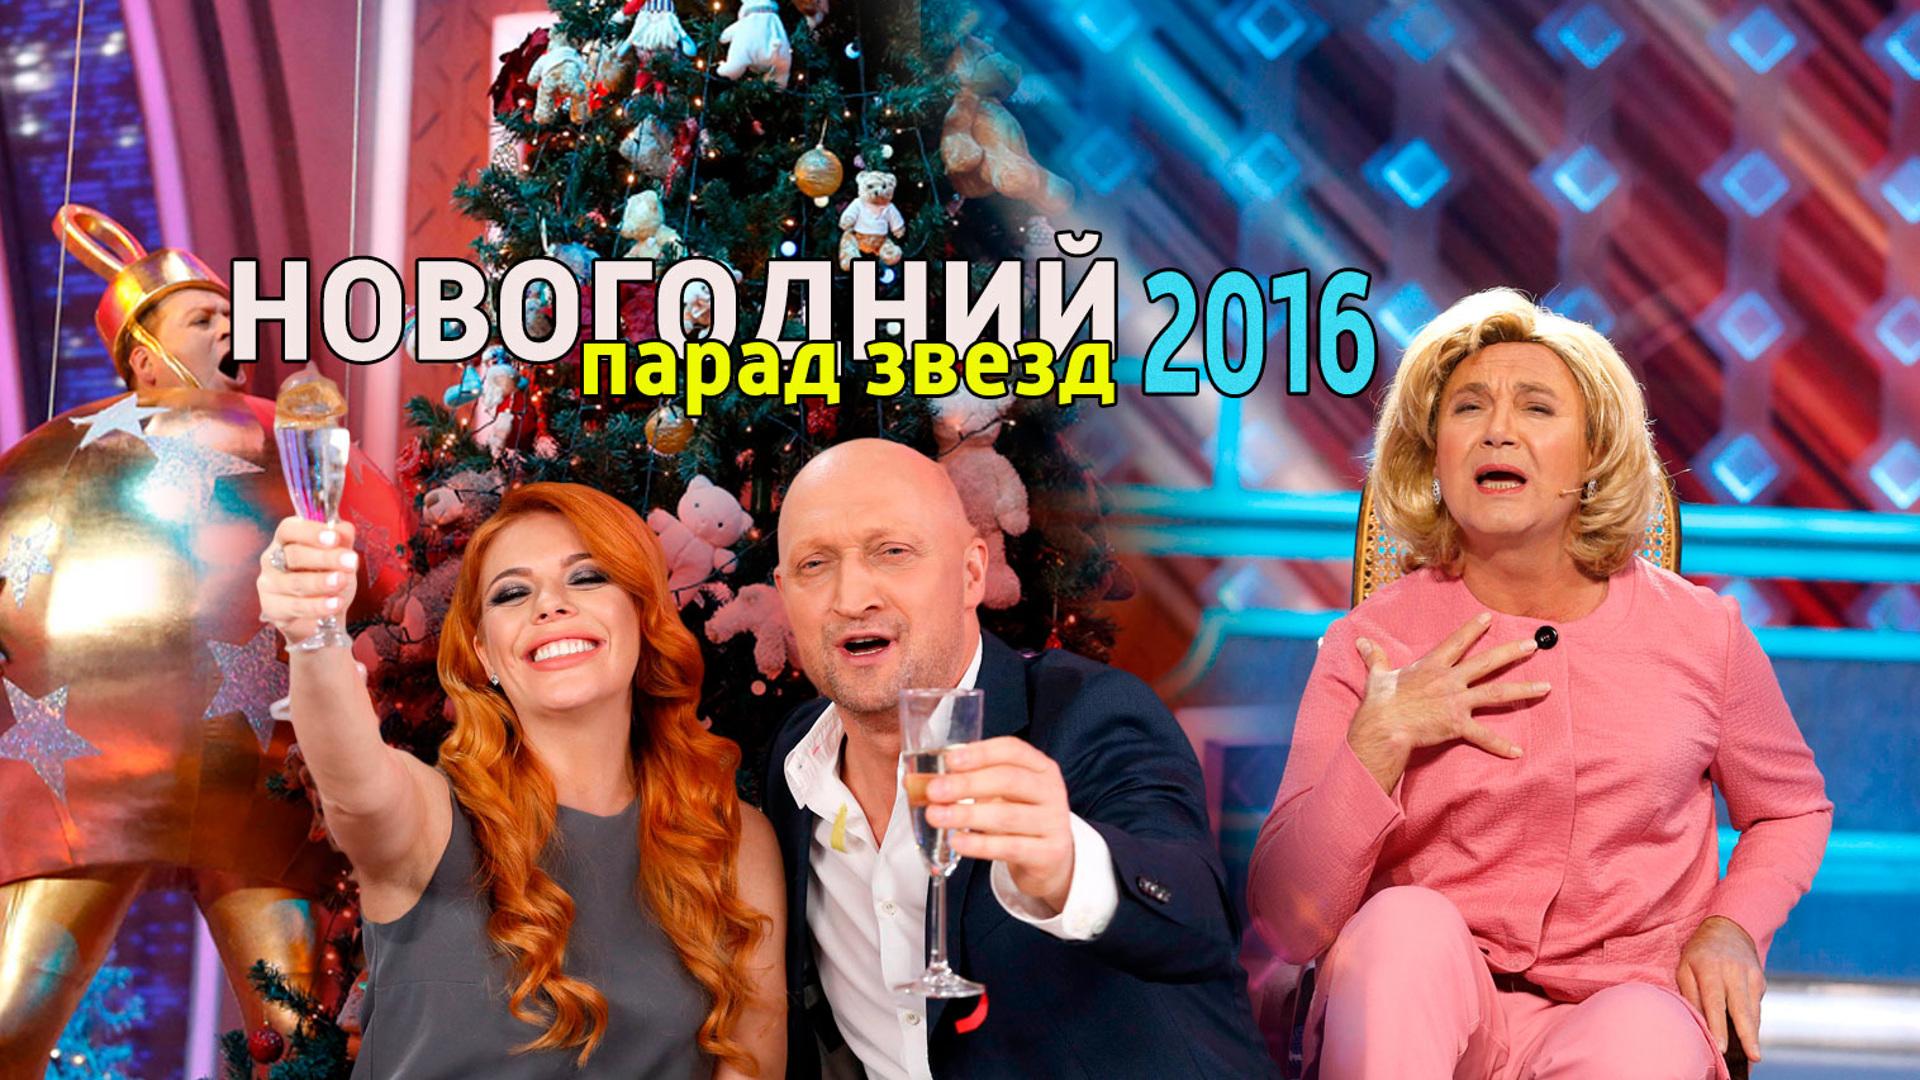 Новогодний парад звезд-2016